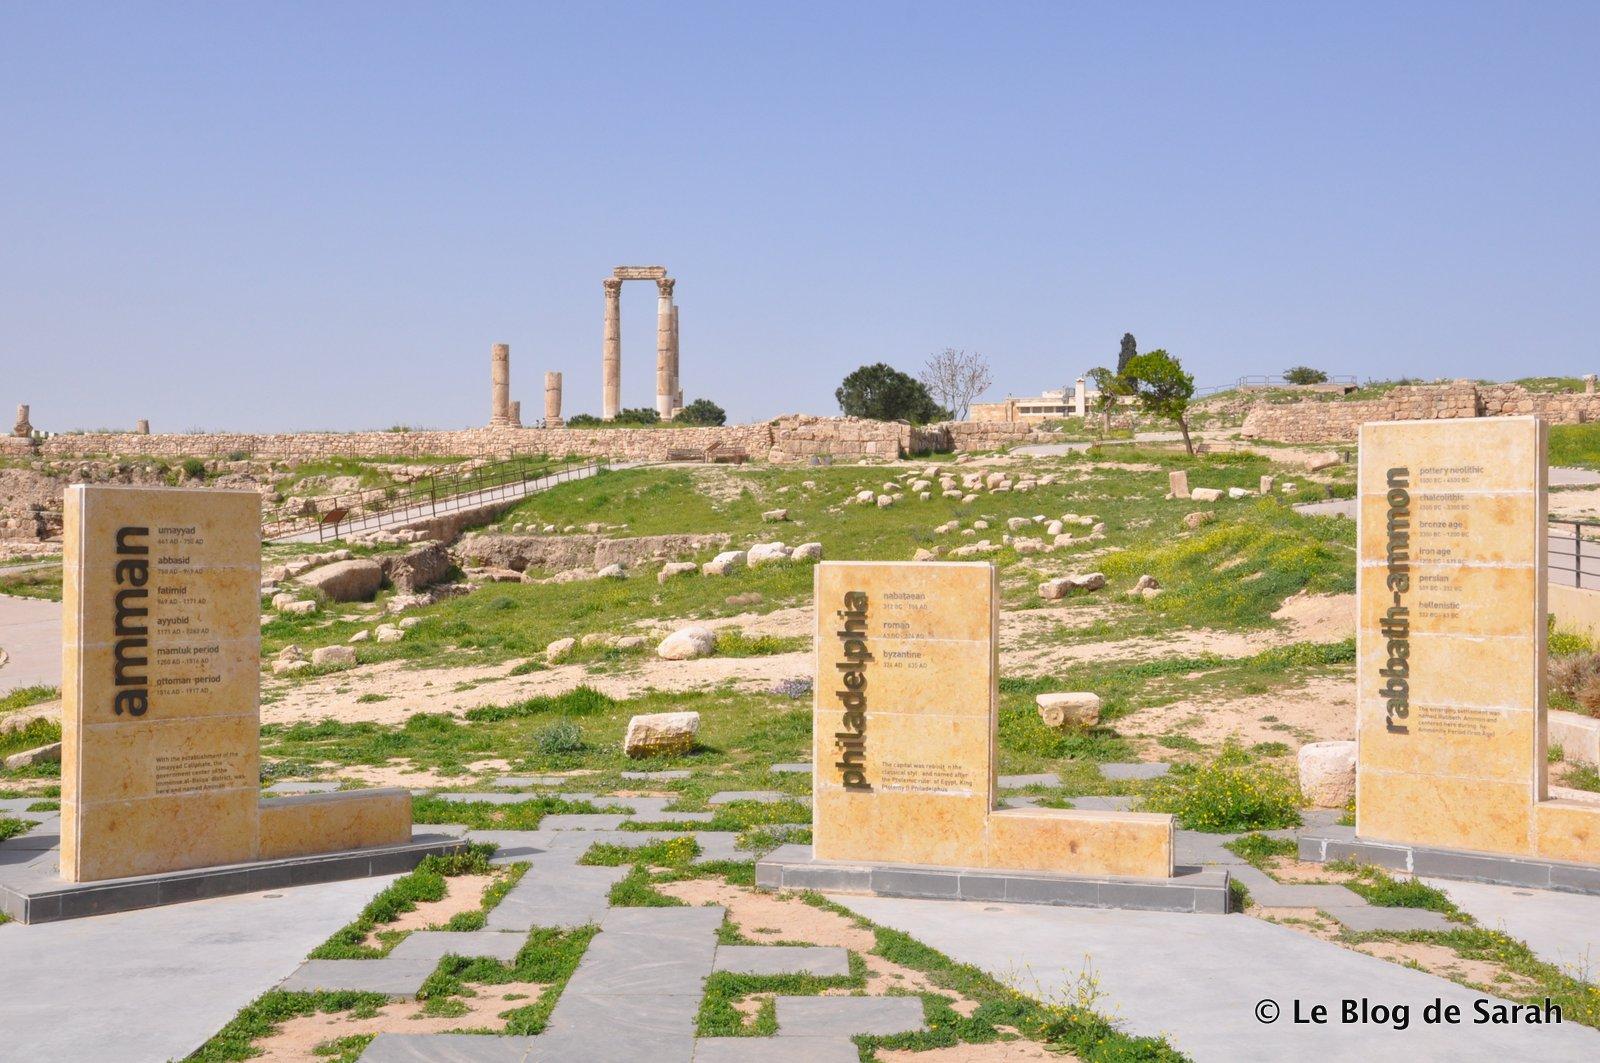 La citadelle d'Amman, avec les trois noms qu'a porté la ville, Rhabbat Ammon et Phildelphia